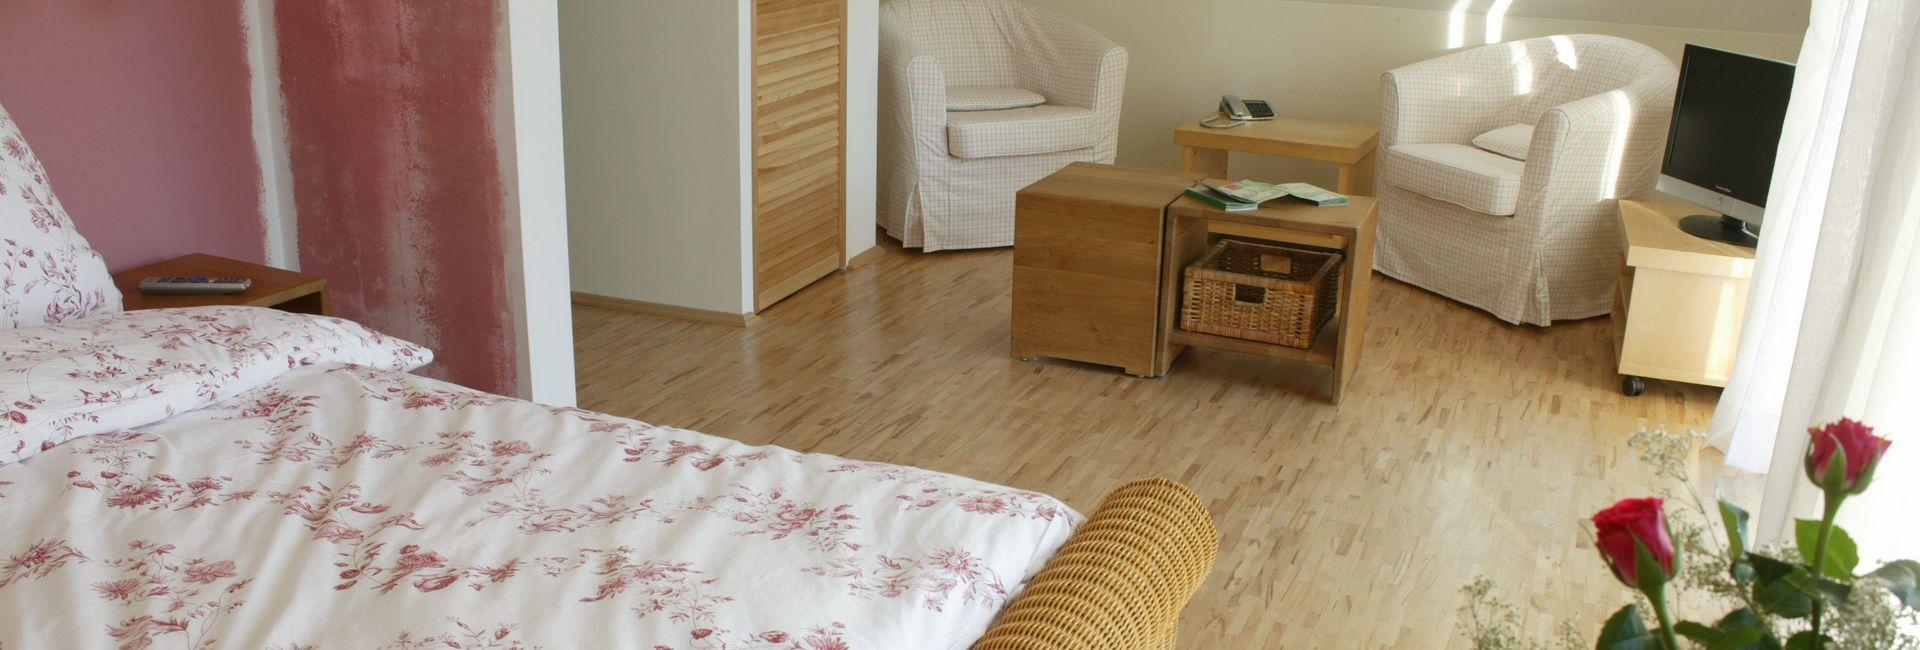 Zimmer 78 – Landhaus Pension Haus Sonneck